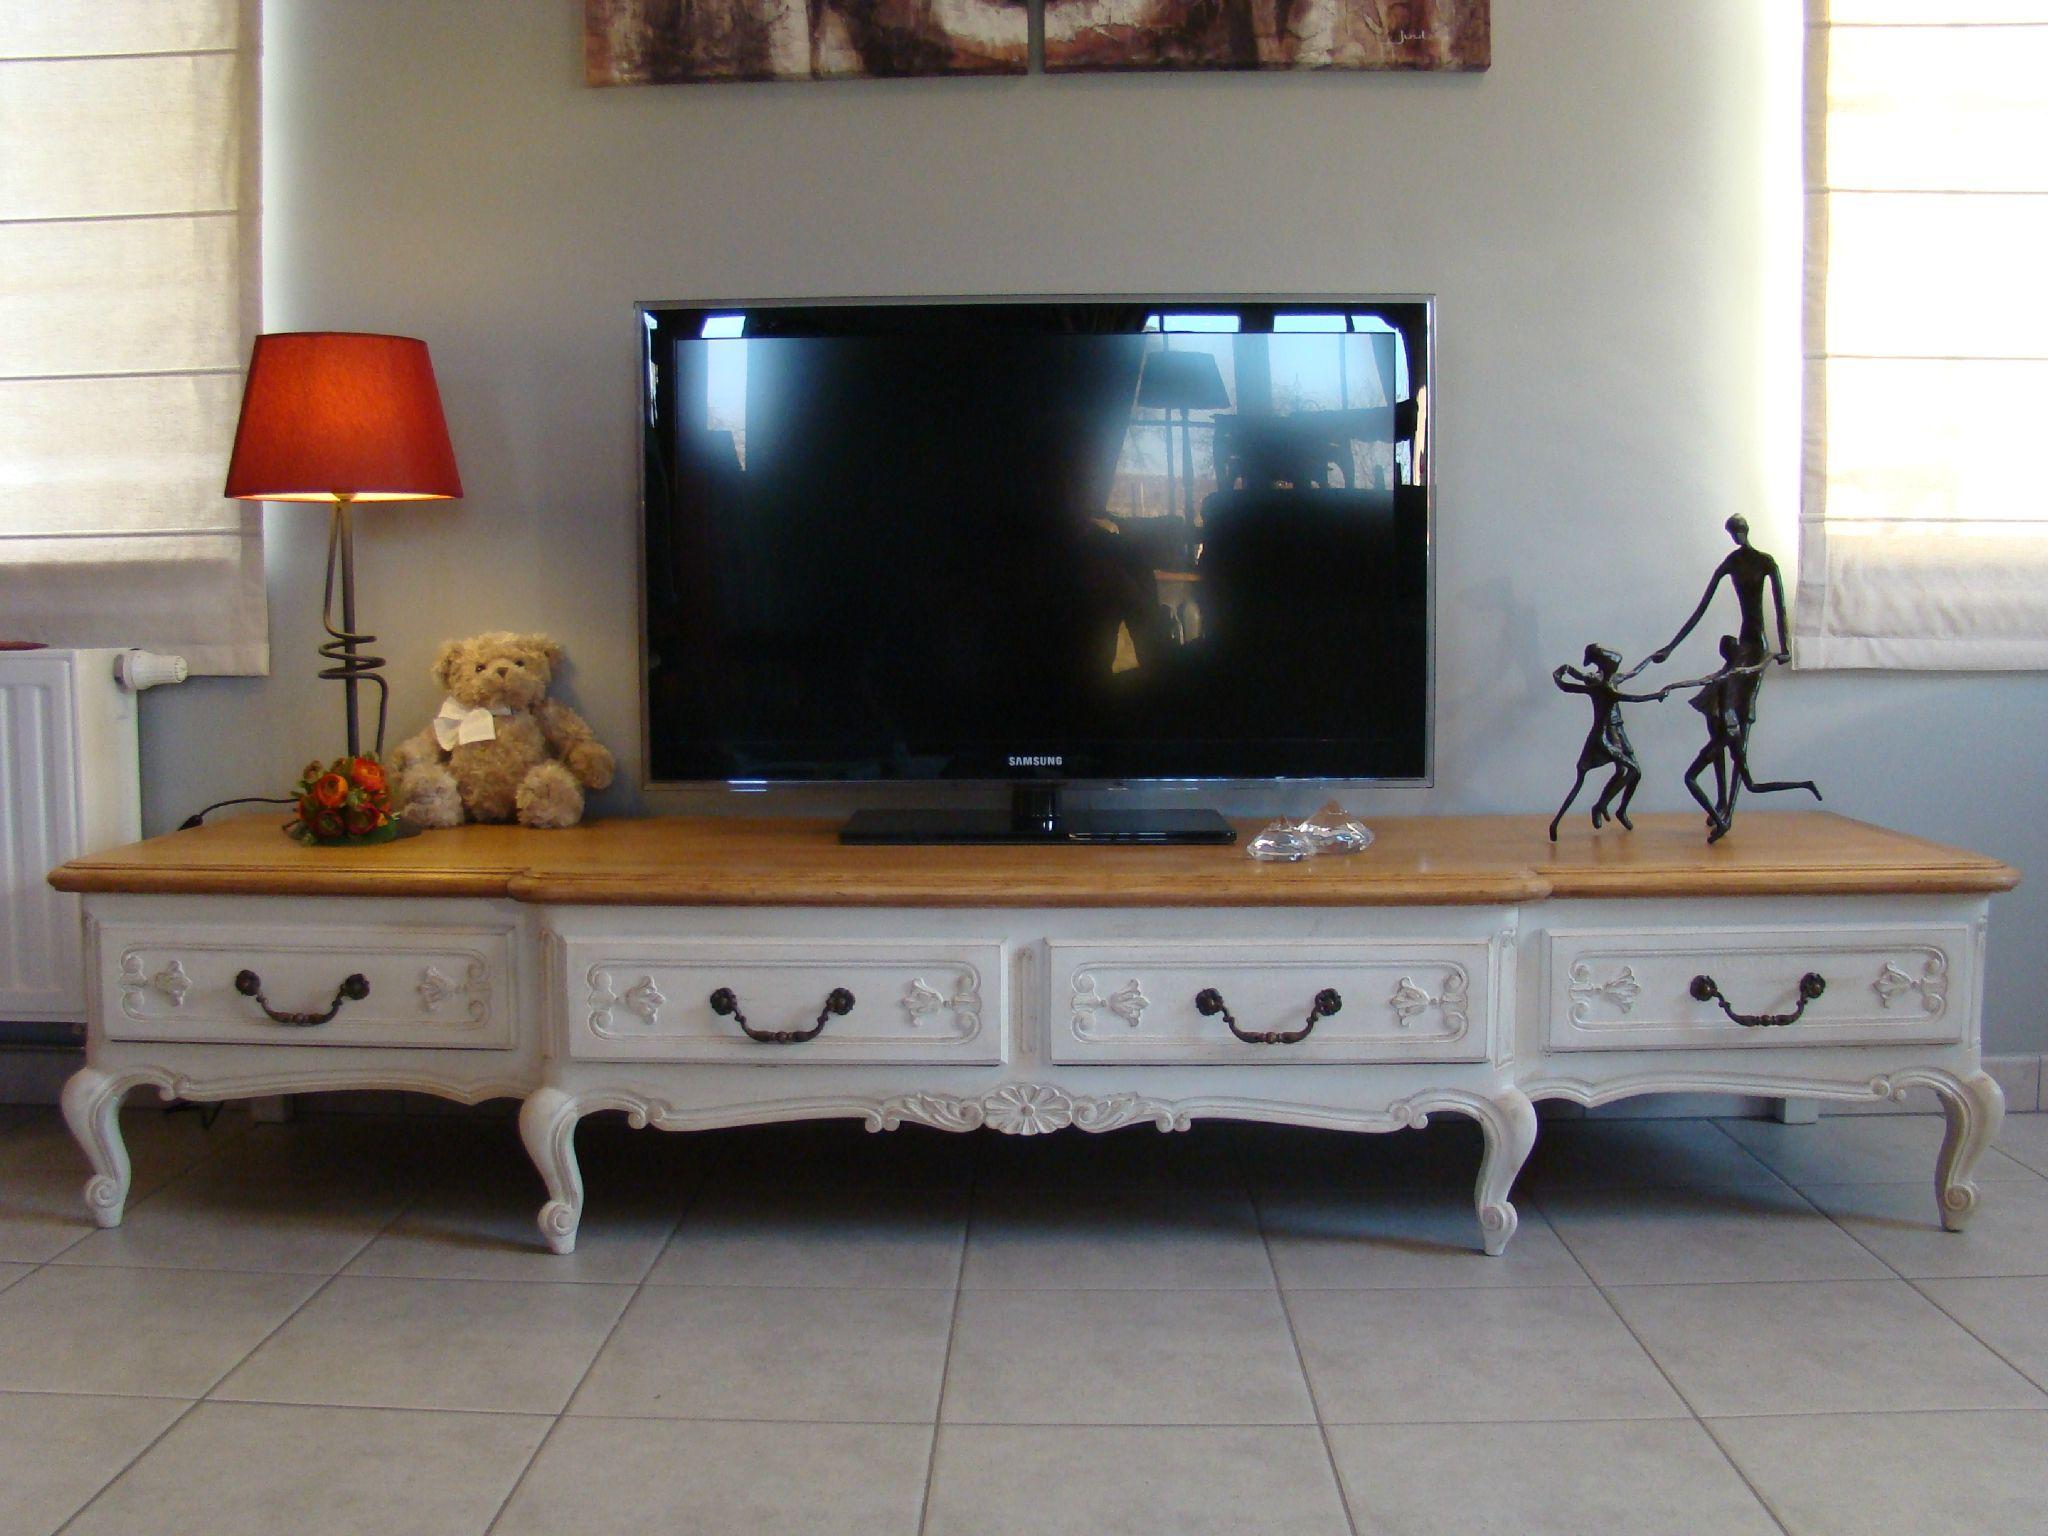 Http P3 Storage Canalblog Com 36 28 1098373 85868219_o Jpg  # Meuble Tv Patine